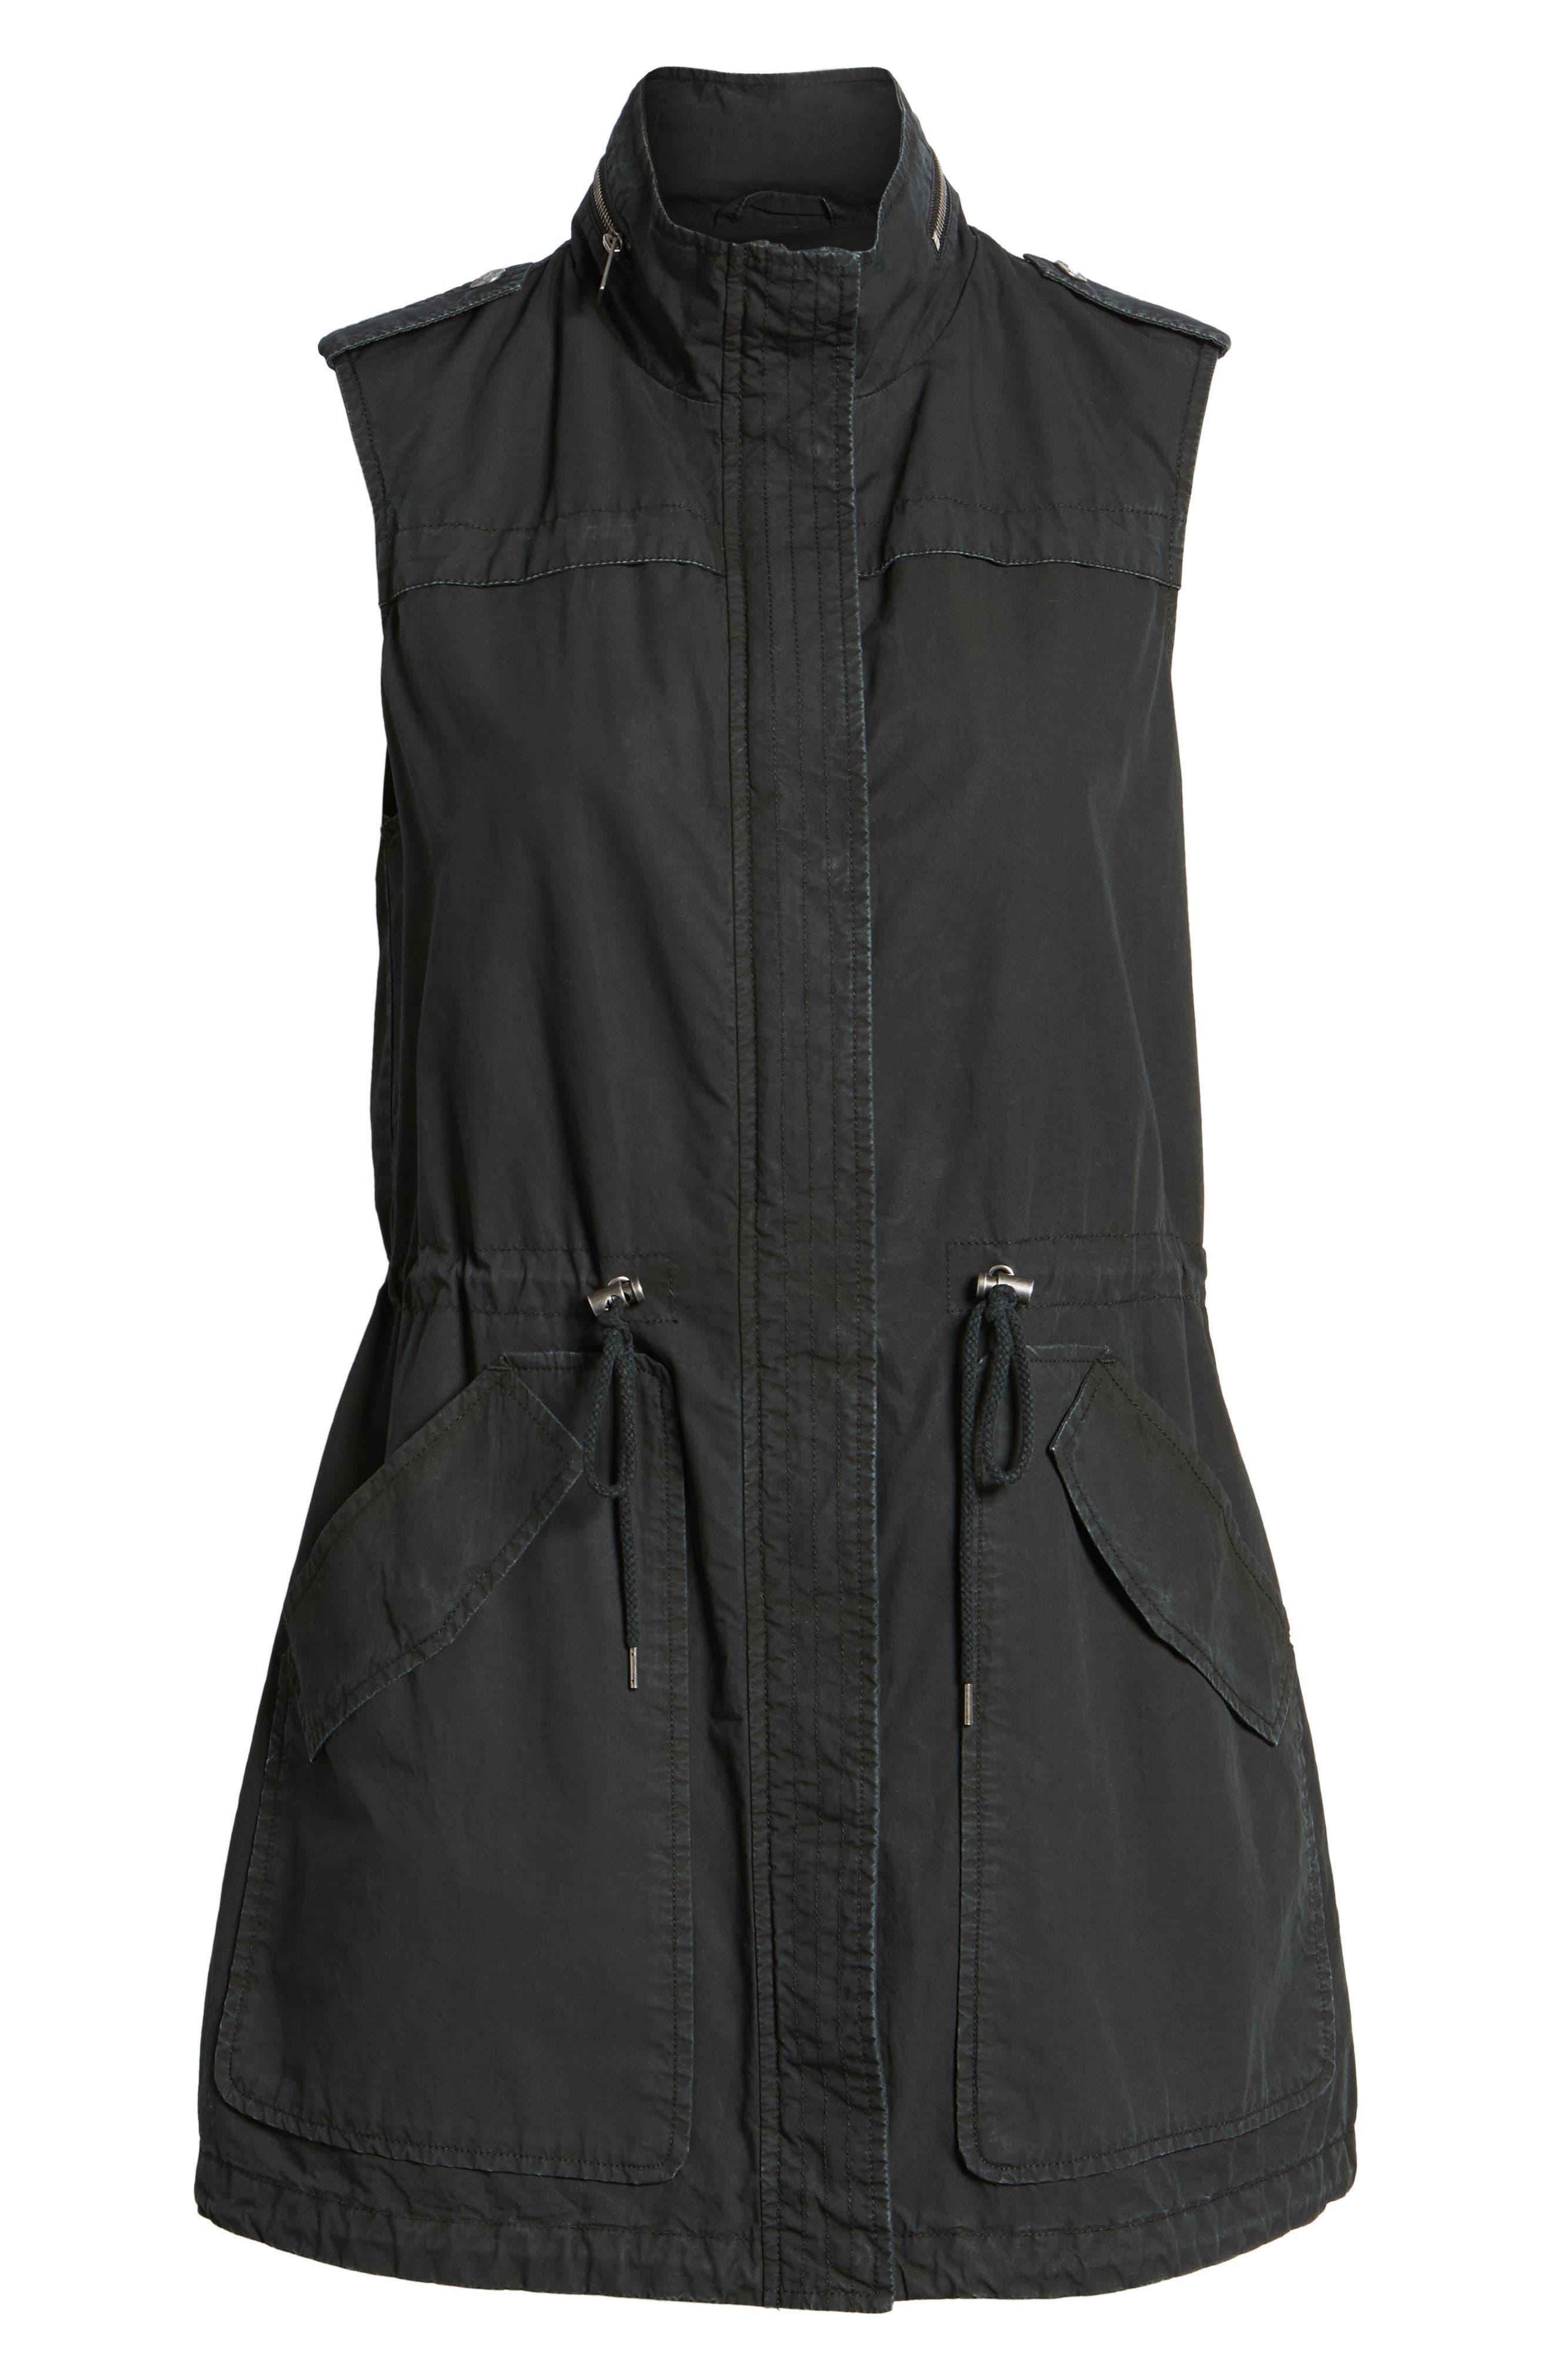 Levi's Parachute Cotton Vest,                             Alternate thumbnail 13, color,